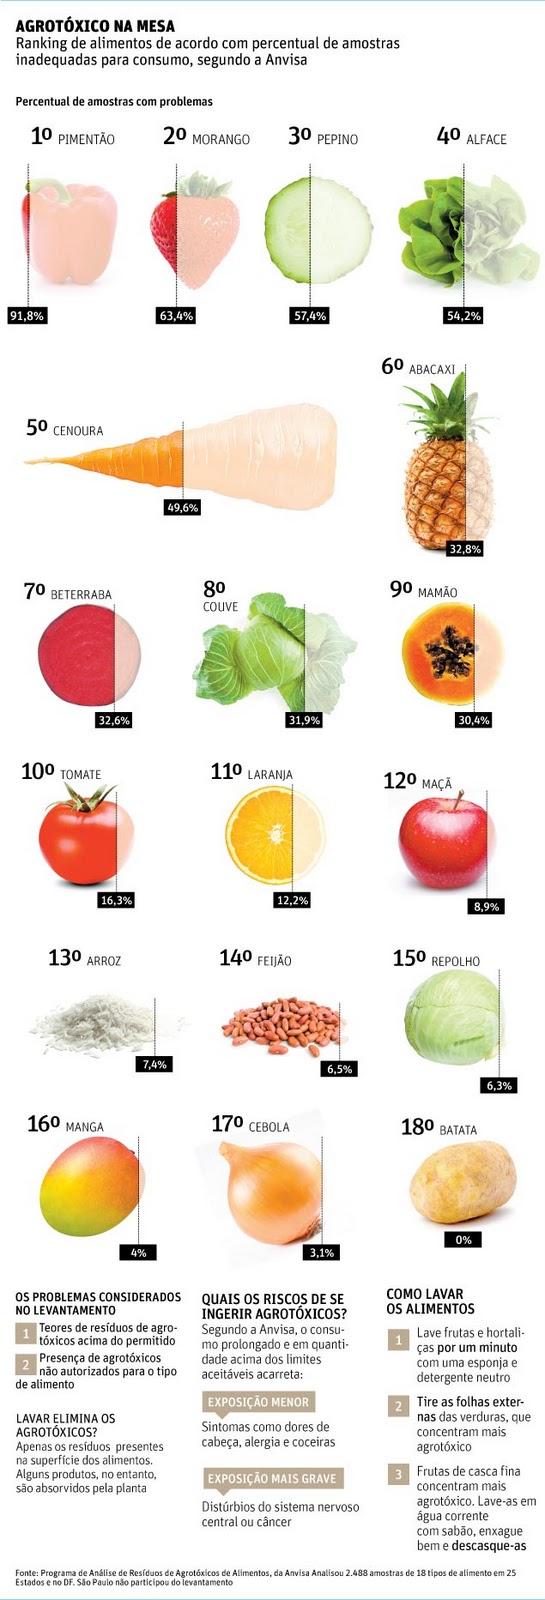 Agrotóxico na mesa